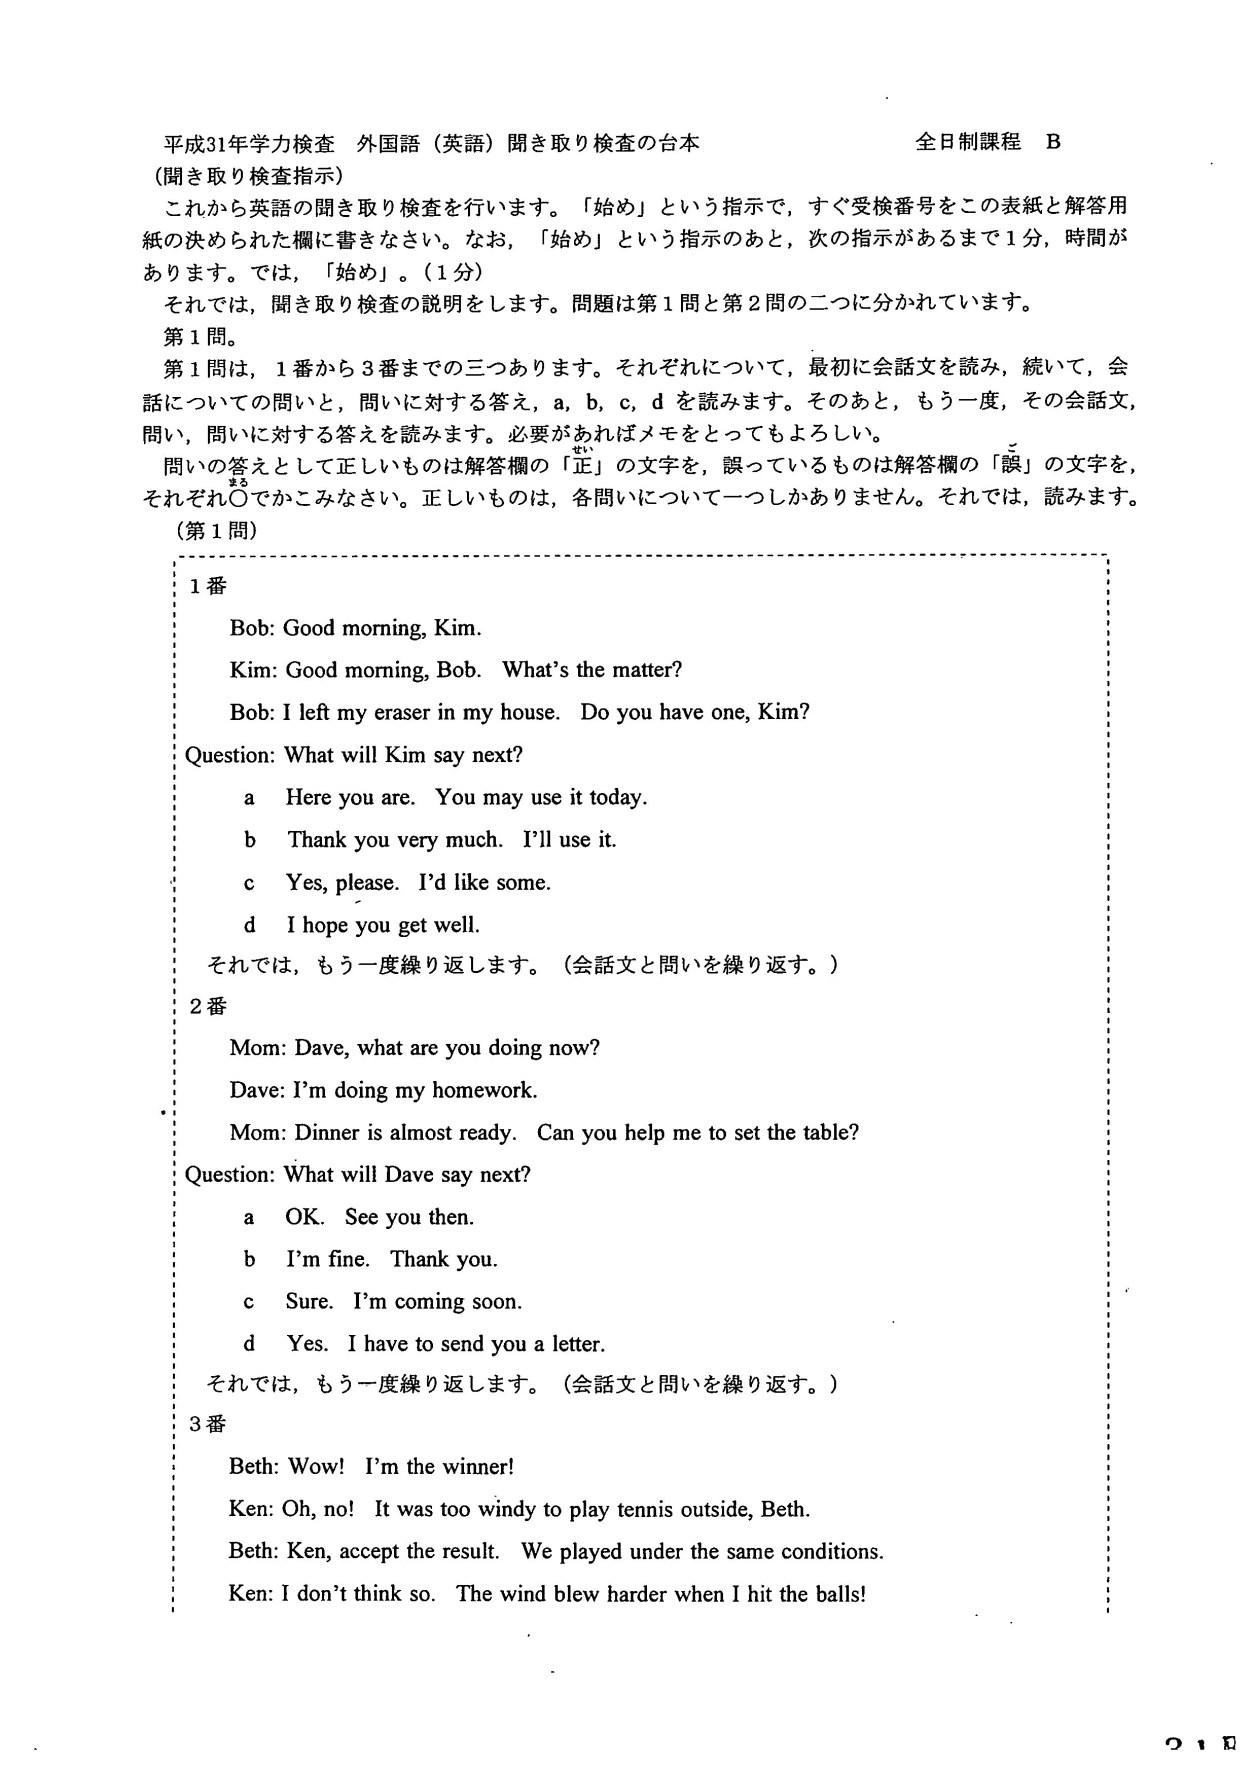 2019愛知県公立B英語リスニング台本1